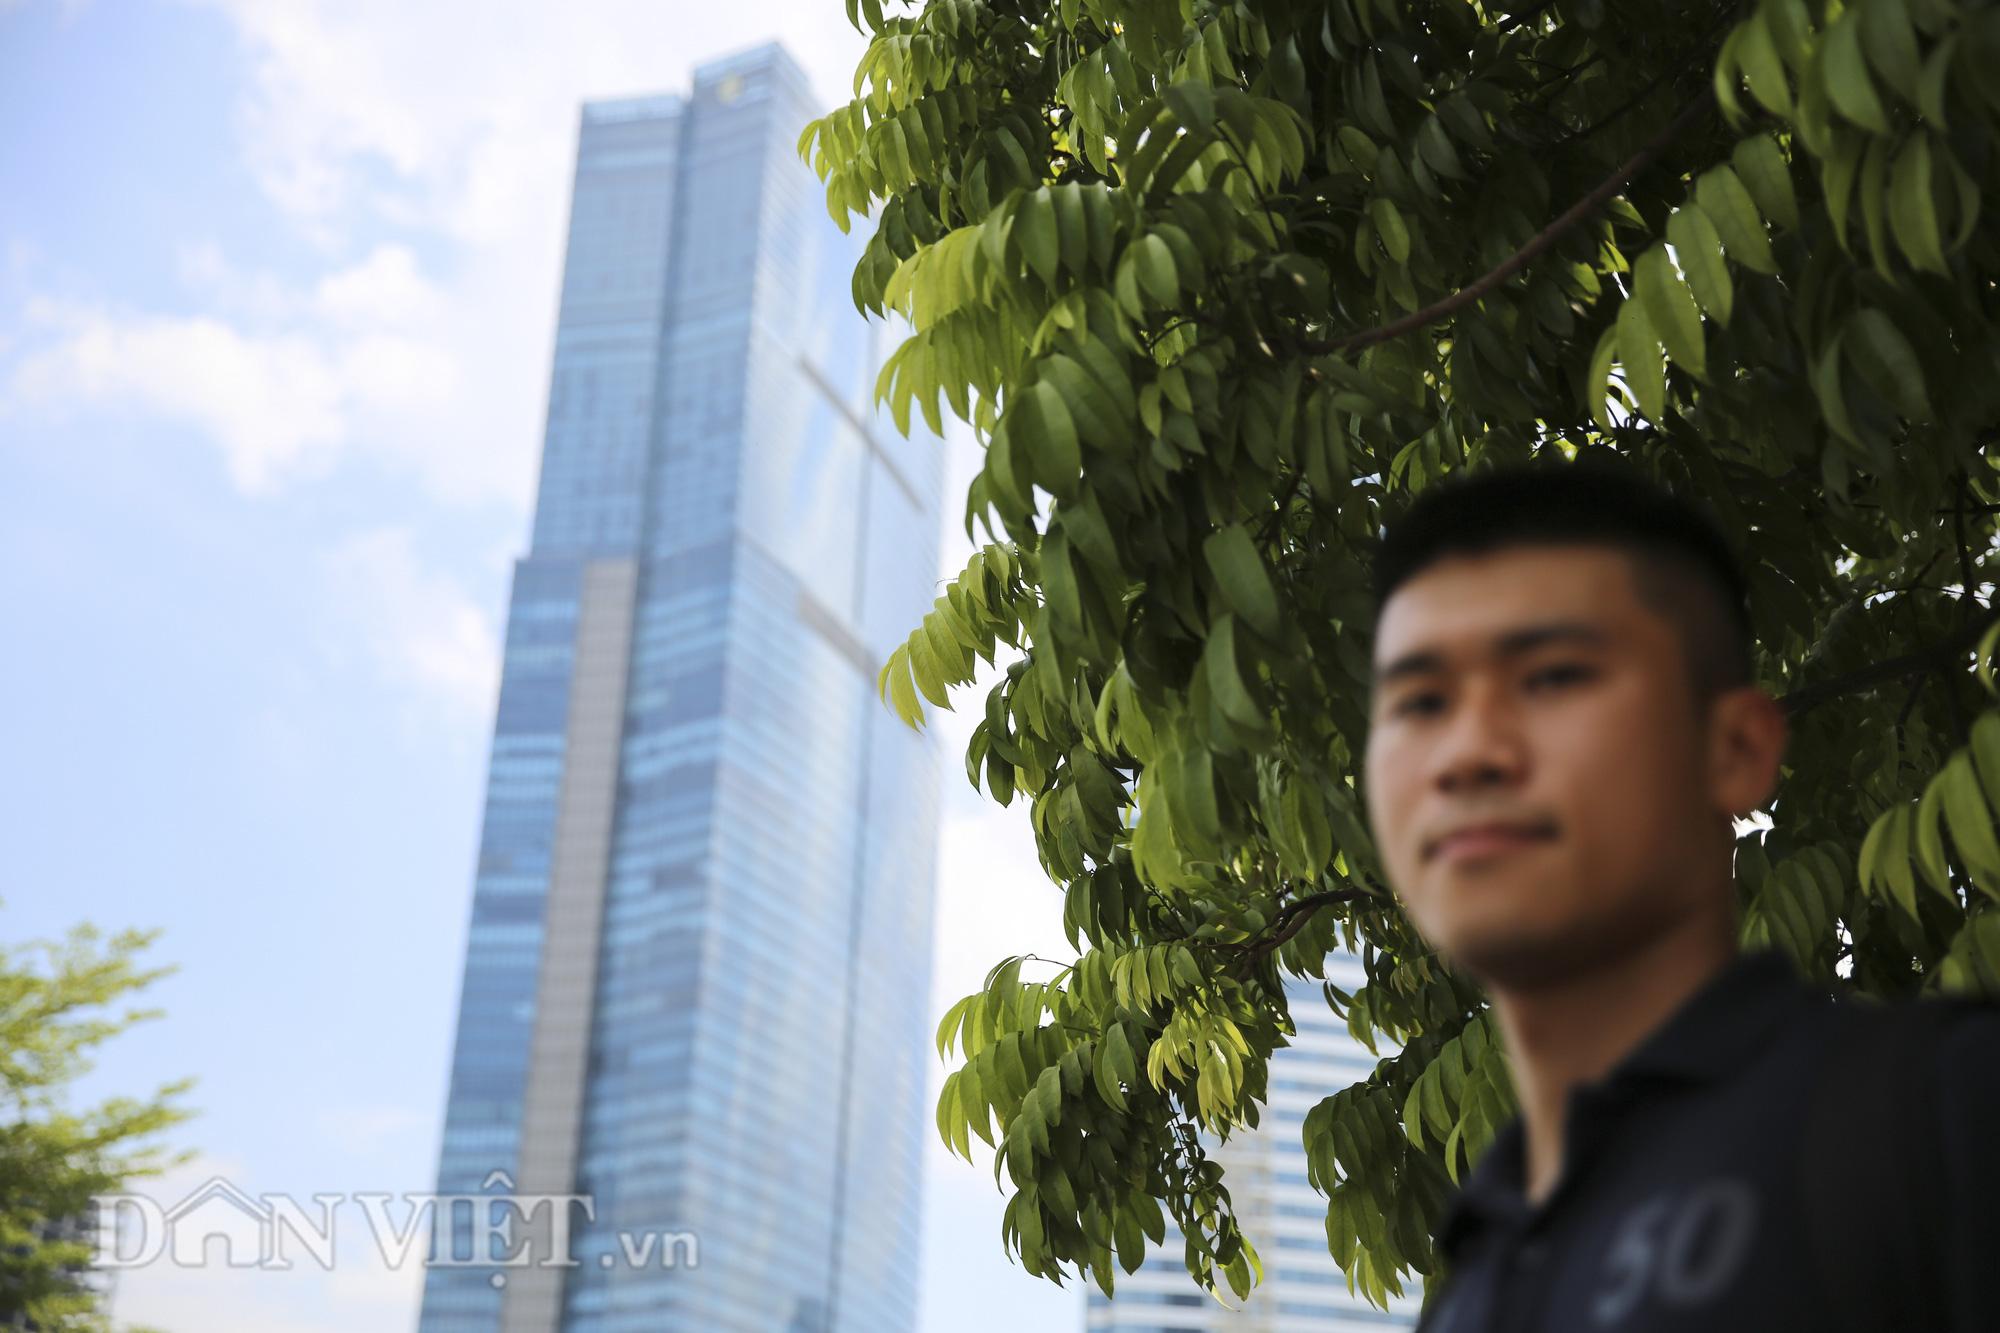 """Hệ thống cây xanh đã giúp Hà Nội giảm """"hiệu ứng đảo nhiệt đô thị"""" như thế nào? - Ảnh 4."""